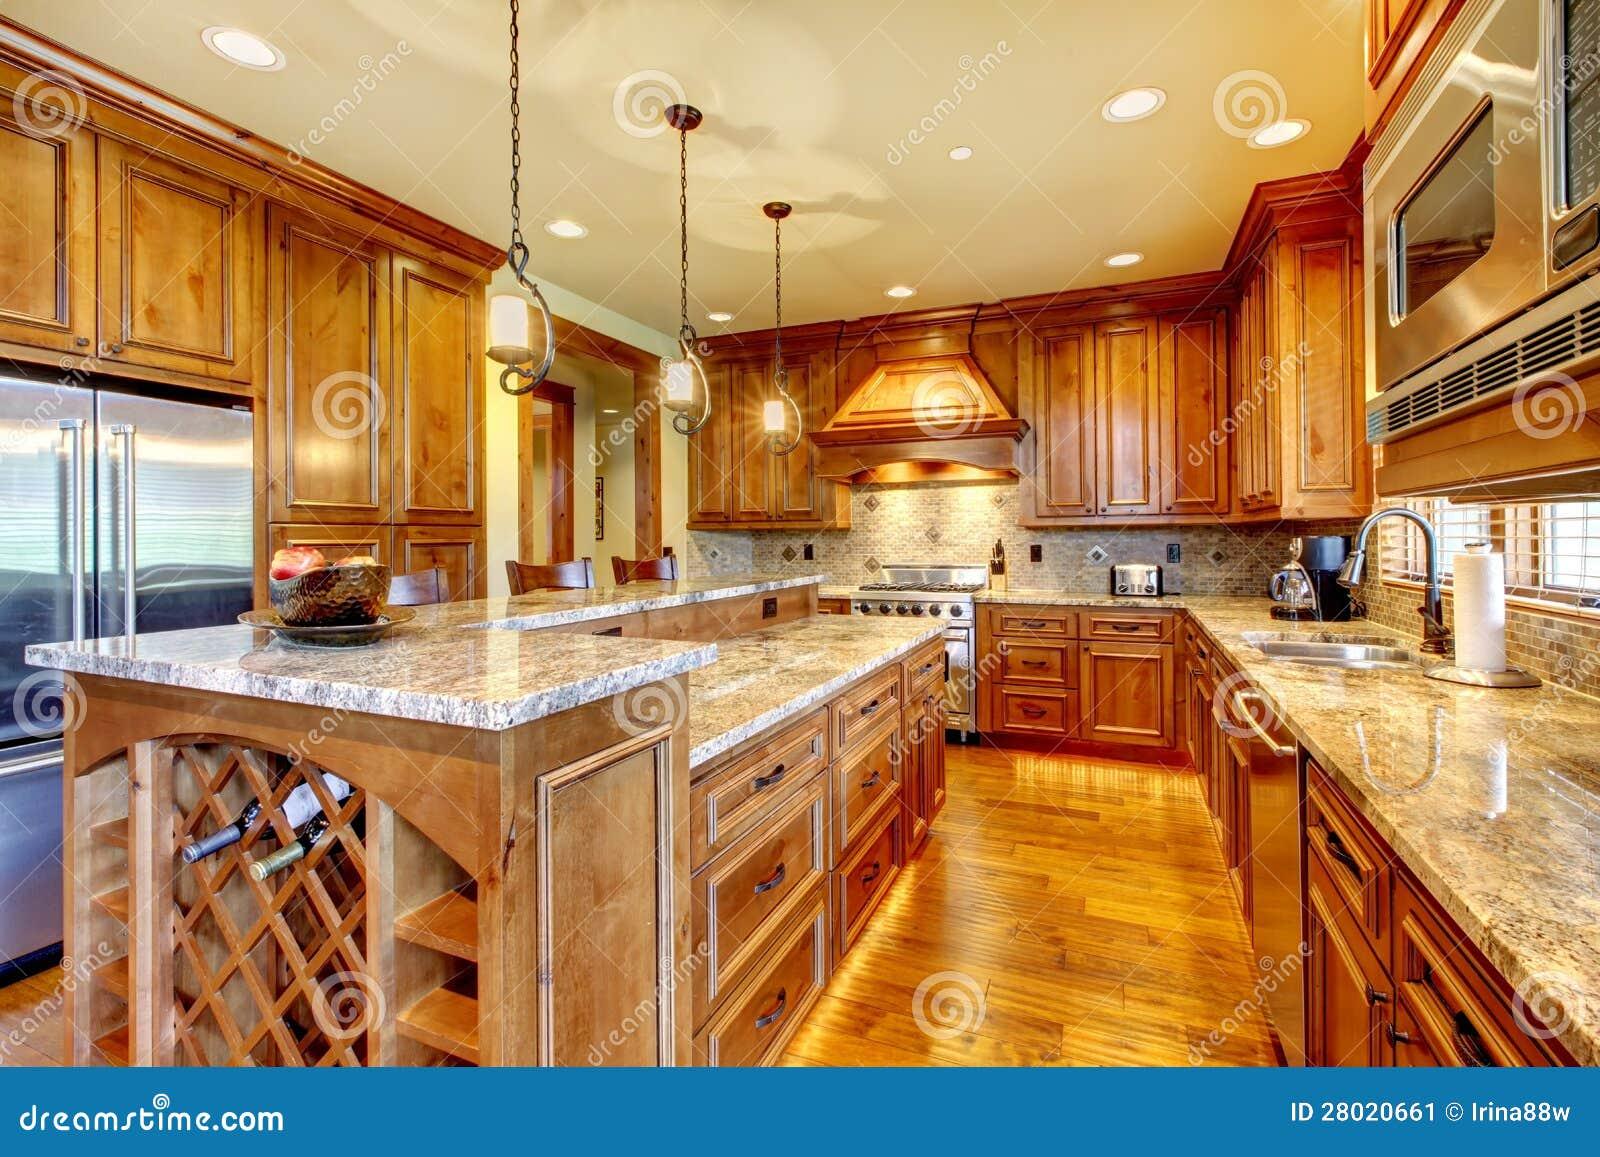 Luksusowa drewniana kuchnia z granitowym countertop.